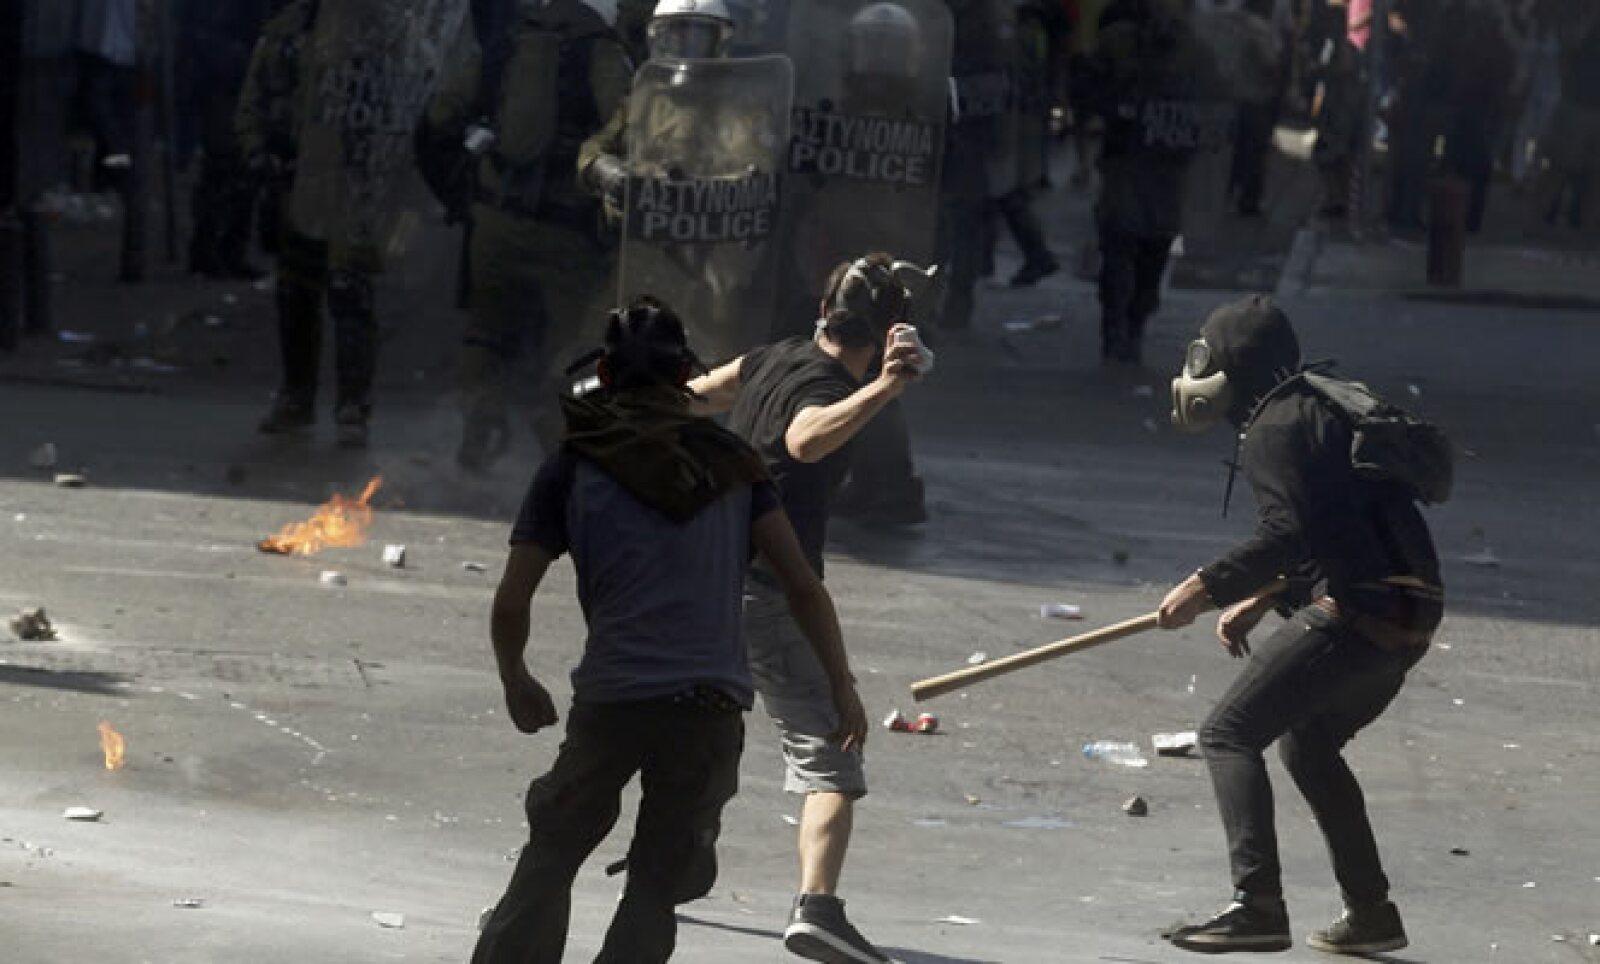 Un manifestante lanza una piedra a los policías durante los enfrentamientos en la plaza Syntagma.